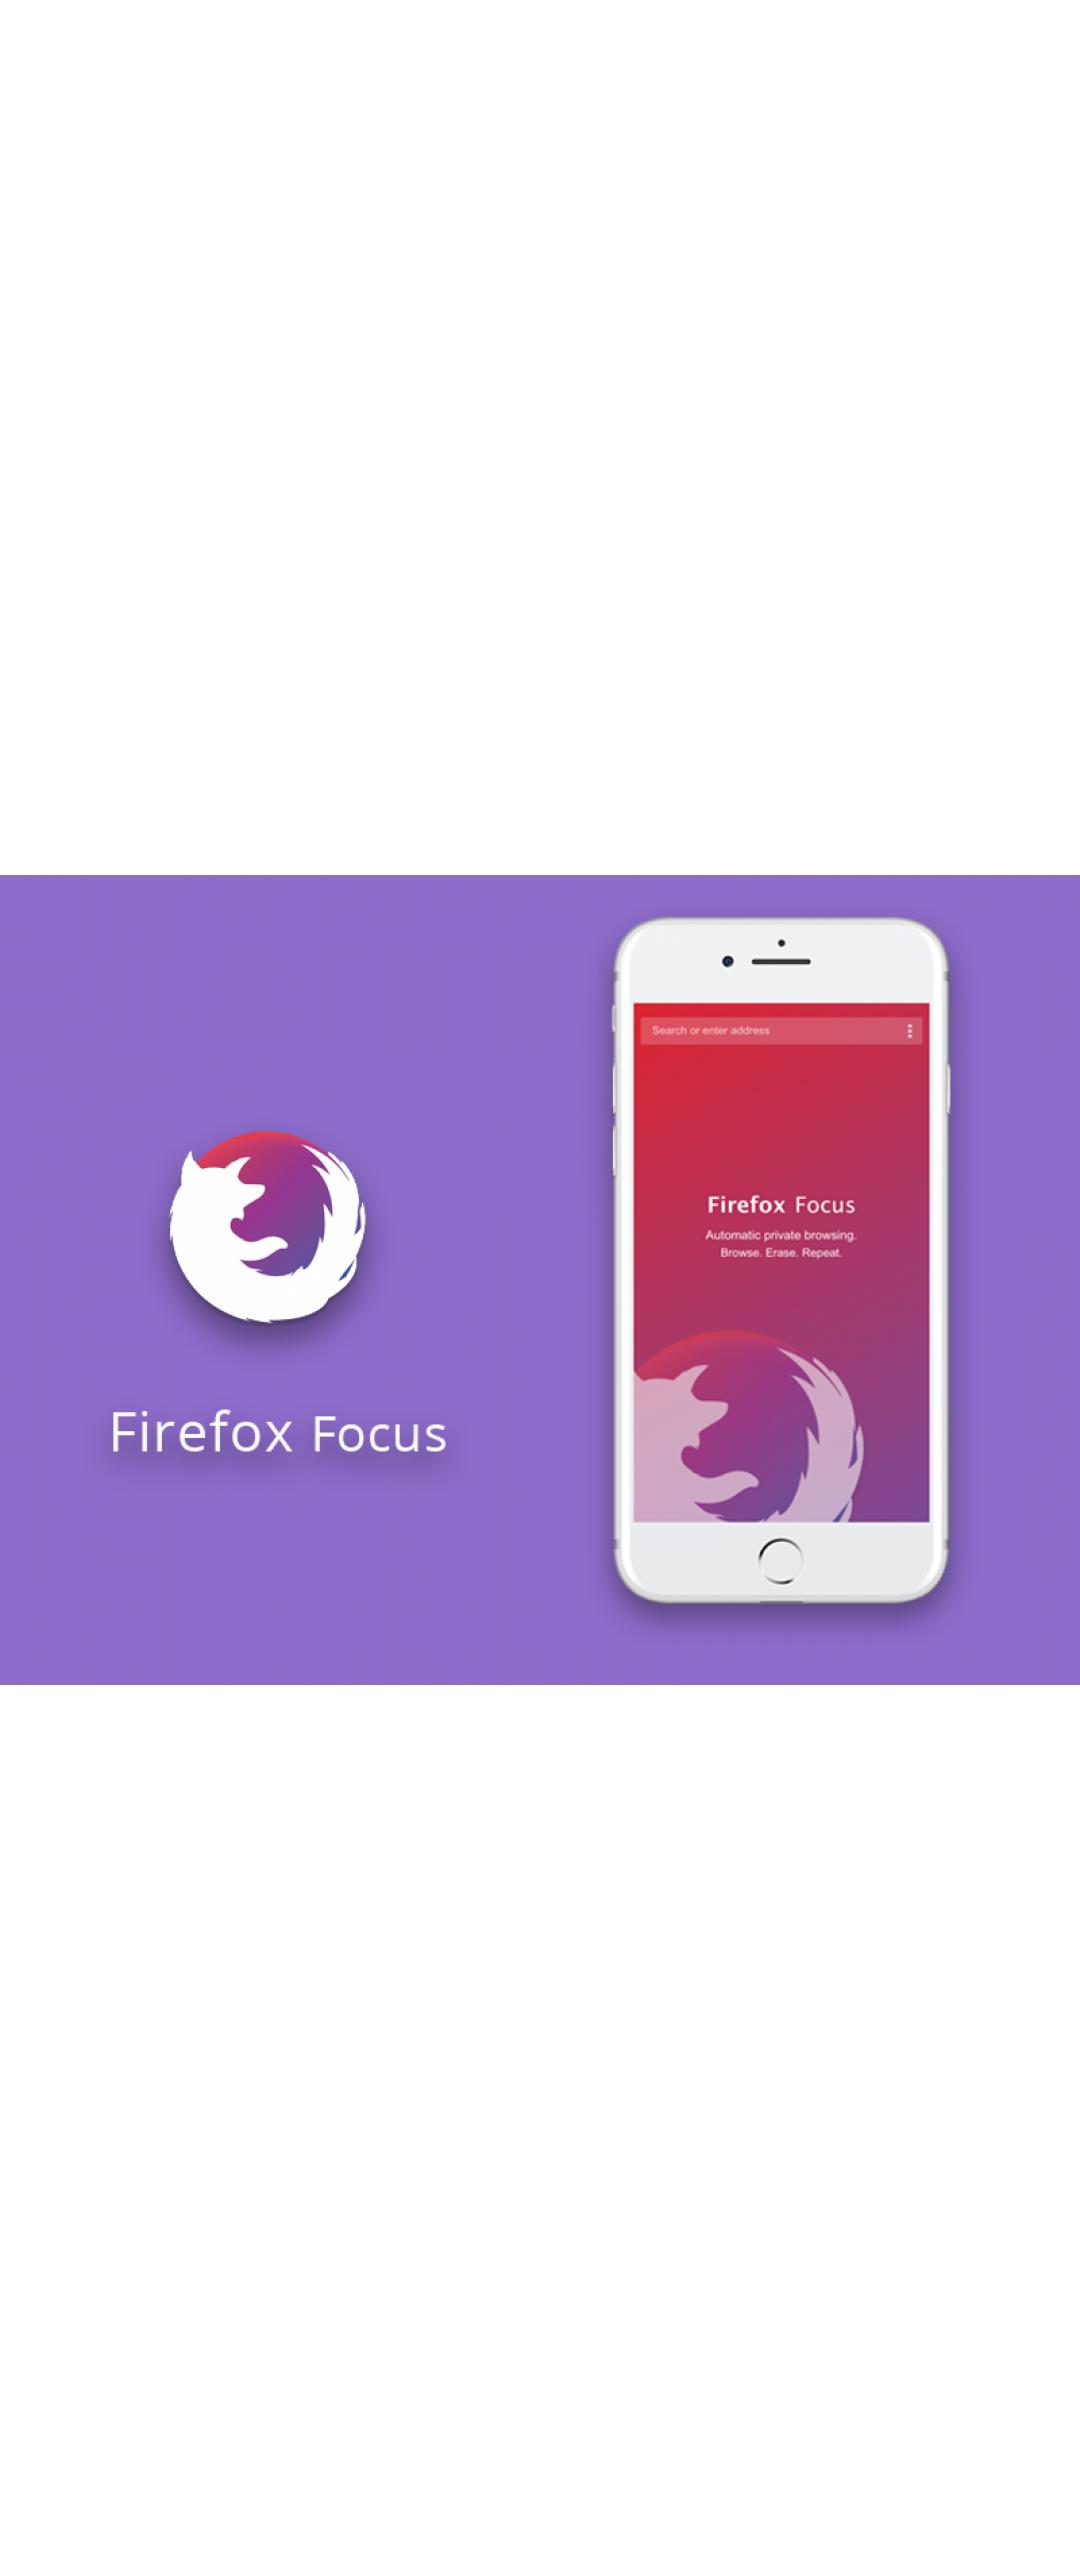 Firefox Focus se actualiza y deja atrás su principal característica